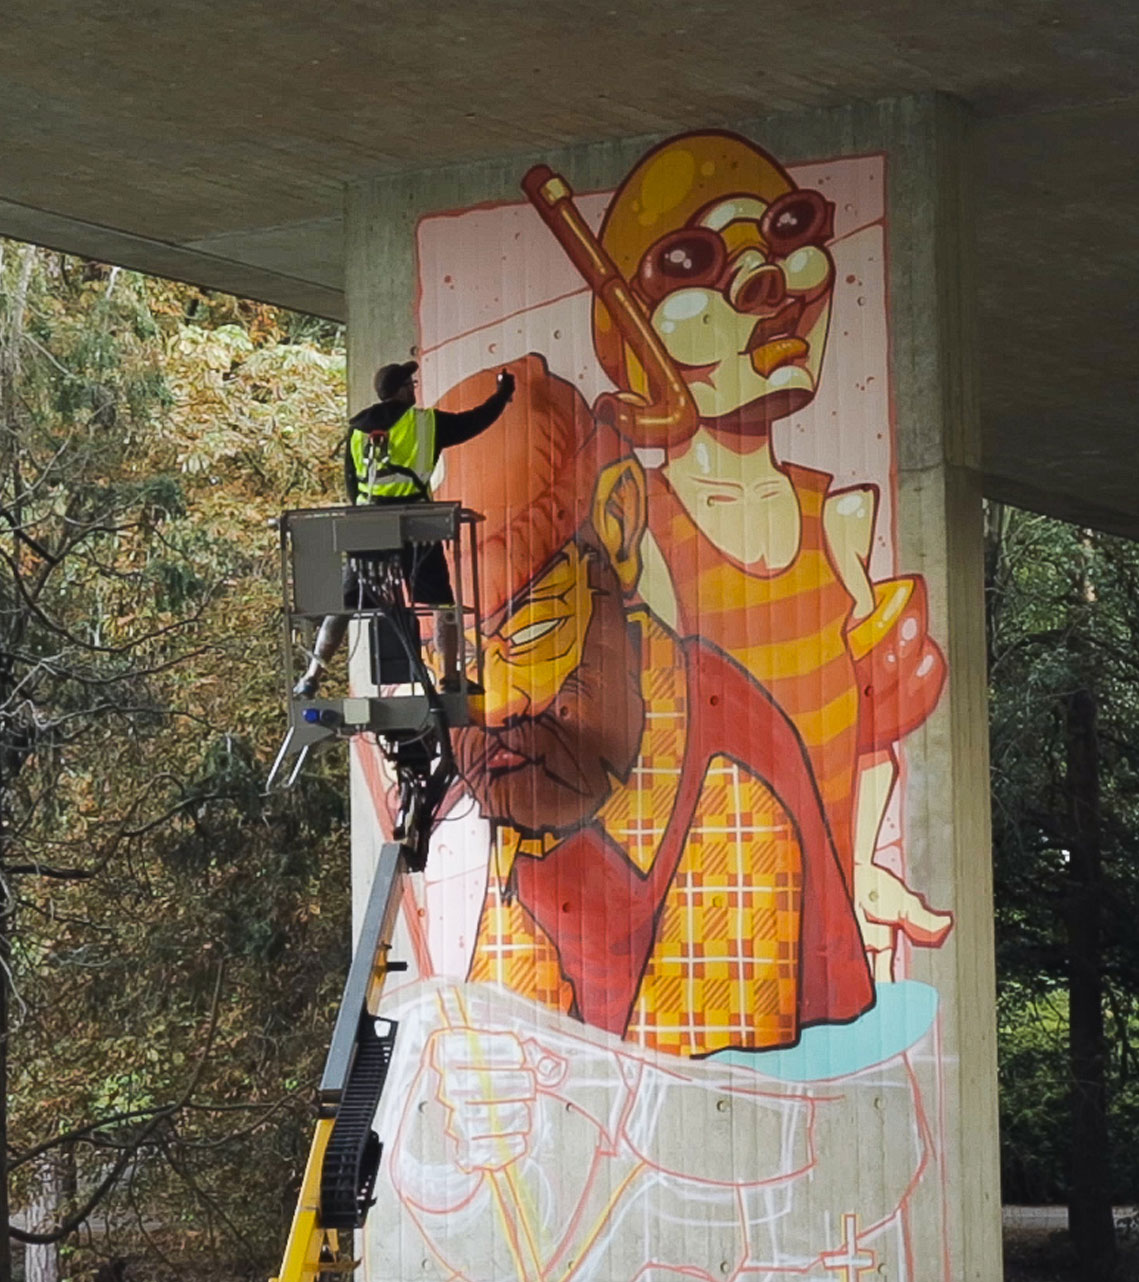 Alex Odisy street artist painting graffiti mural